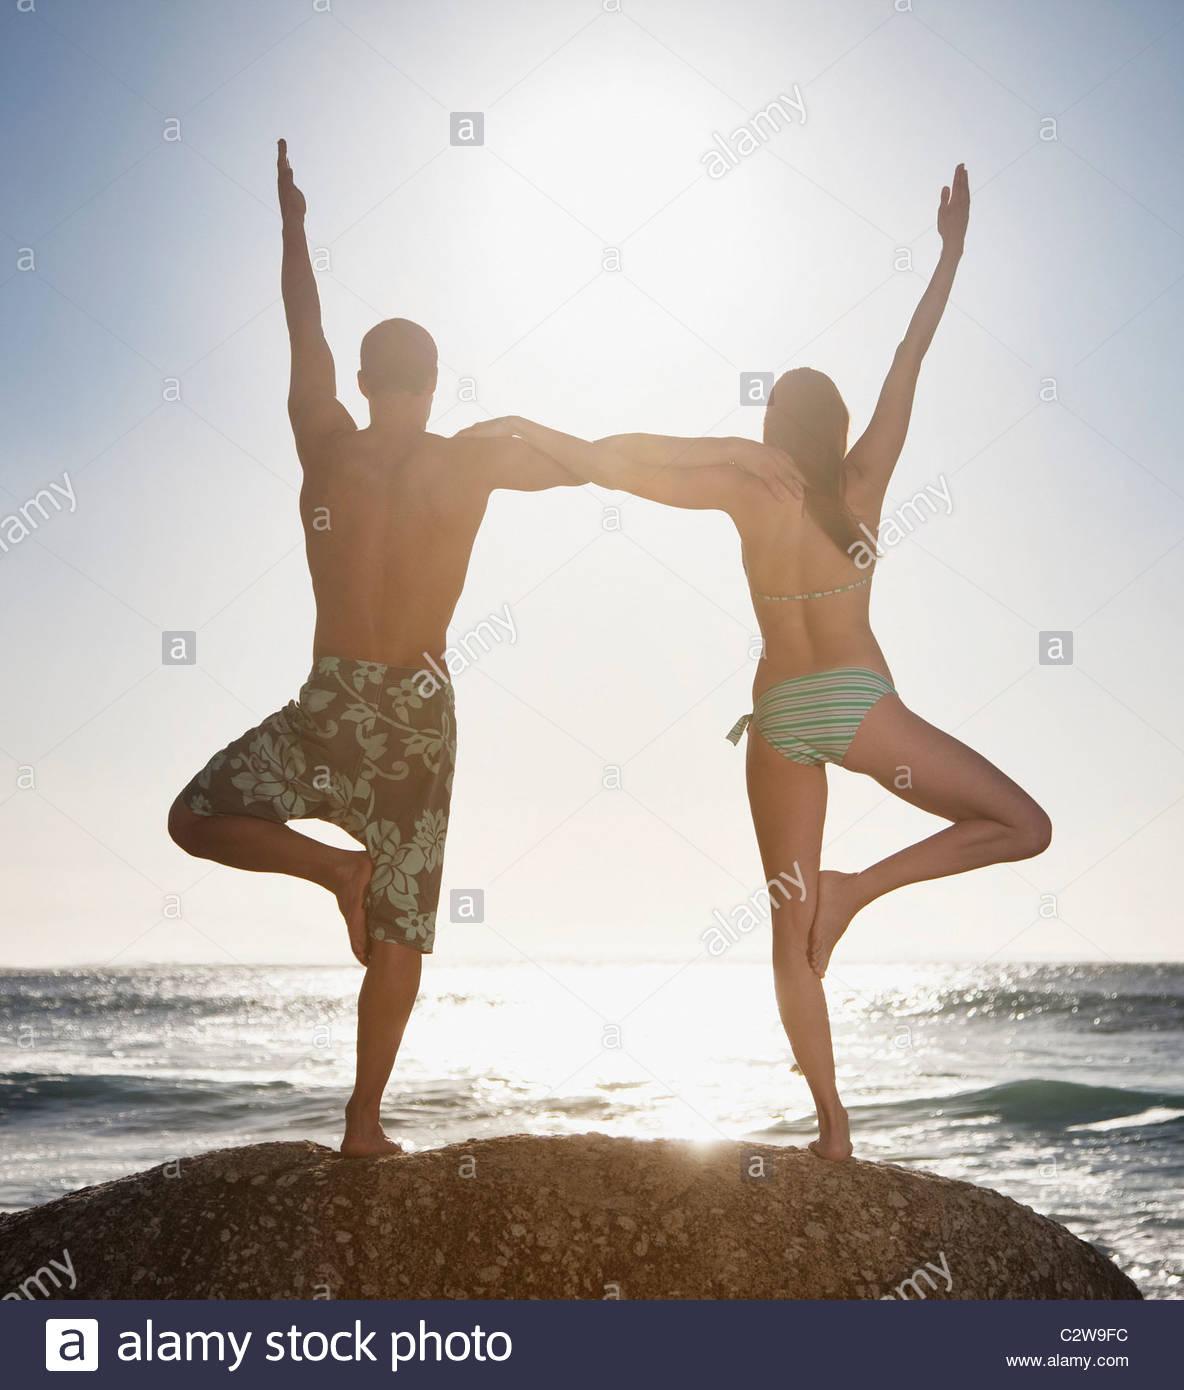 Paar, balancieren auf einem Bein zusammen am Strand Stockfoto